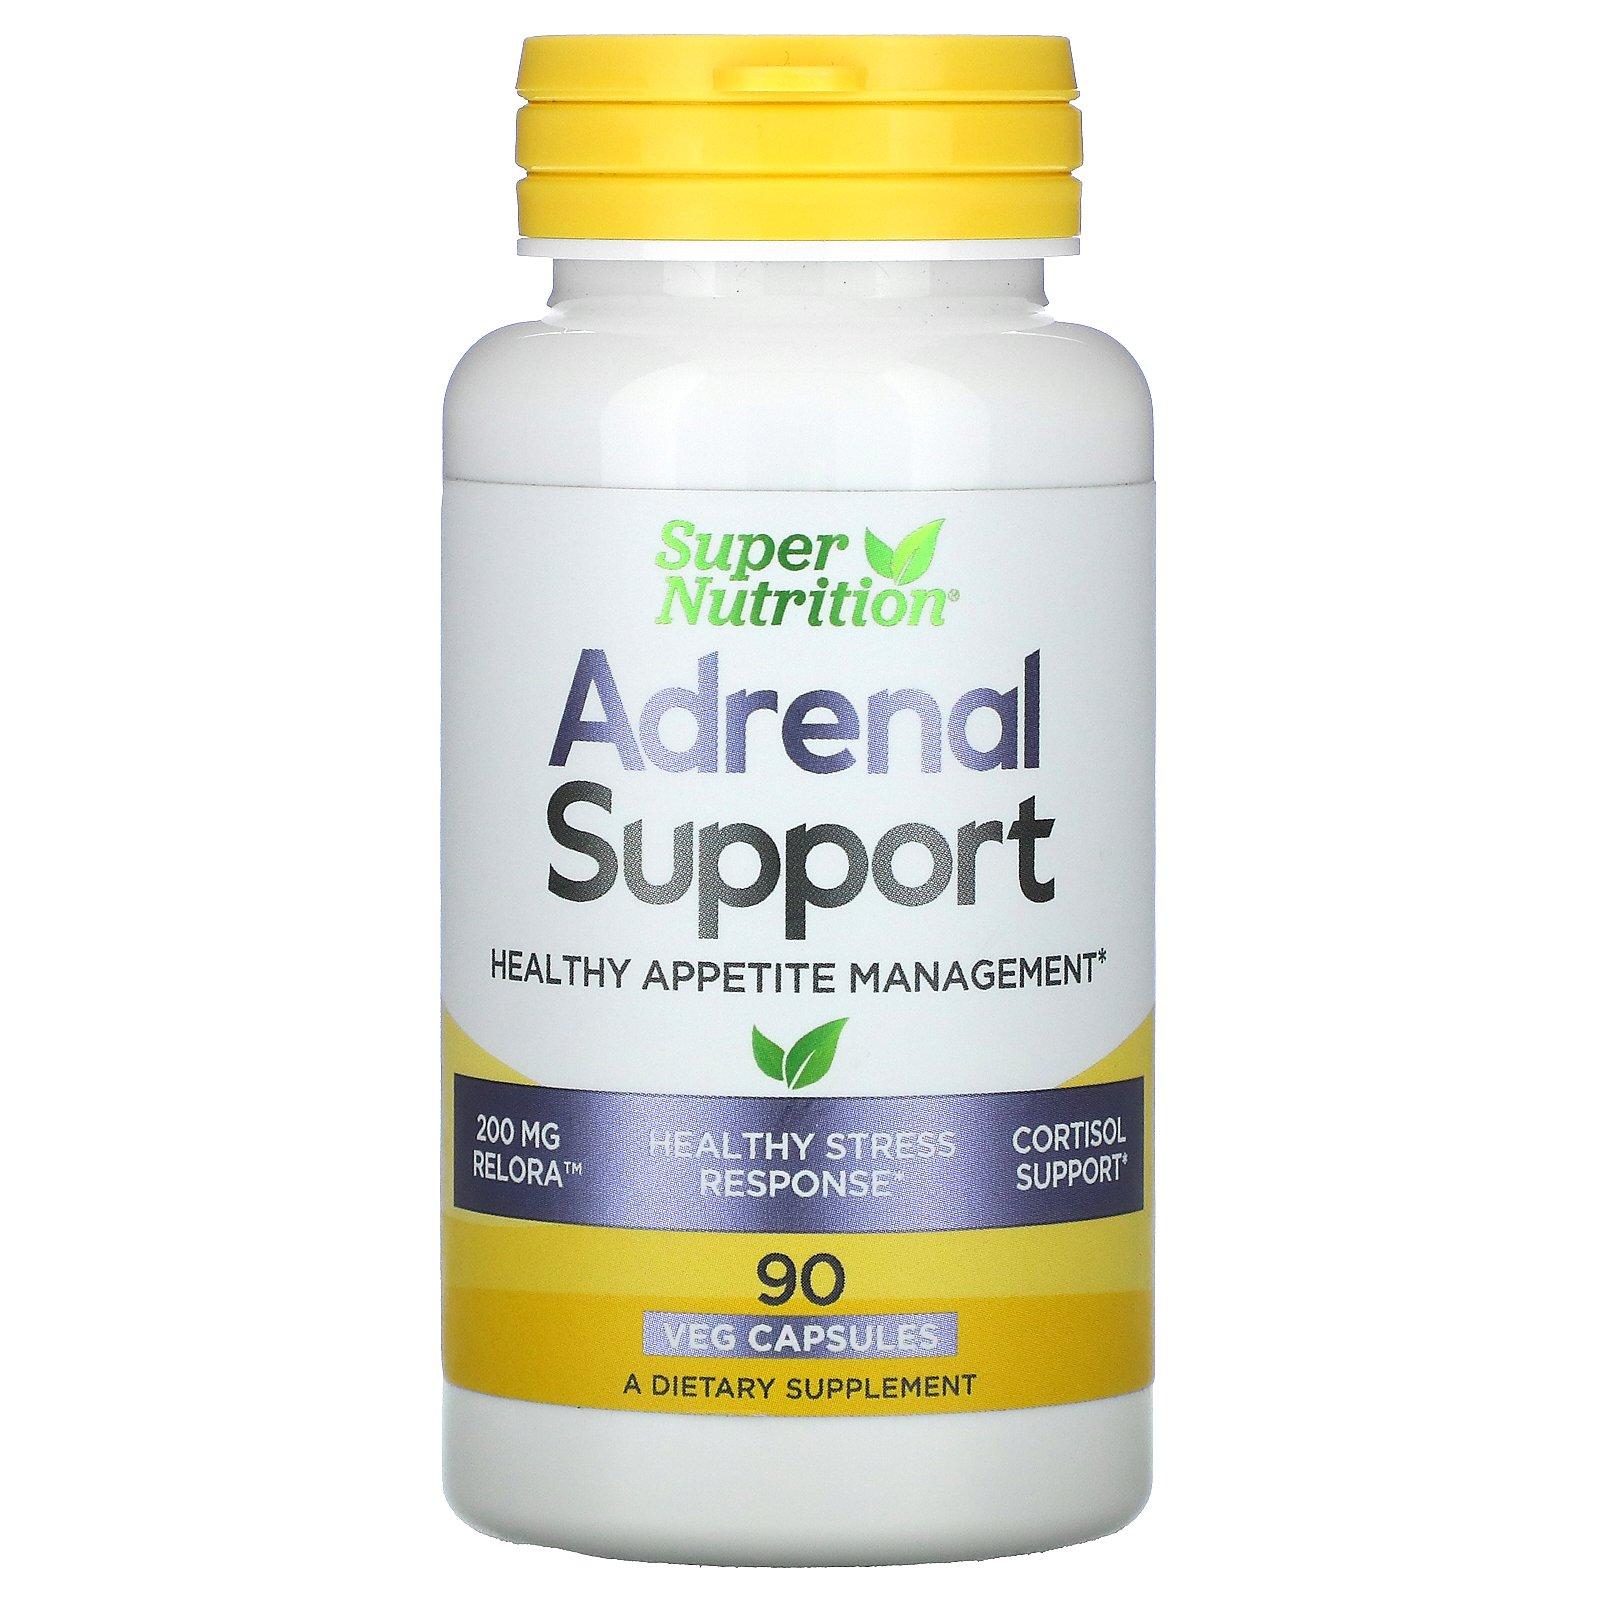 Super Nutrition, Поддержка работы надпочечников, управление здоровым аппетитом, 90 вегетарианских капсул